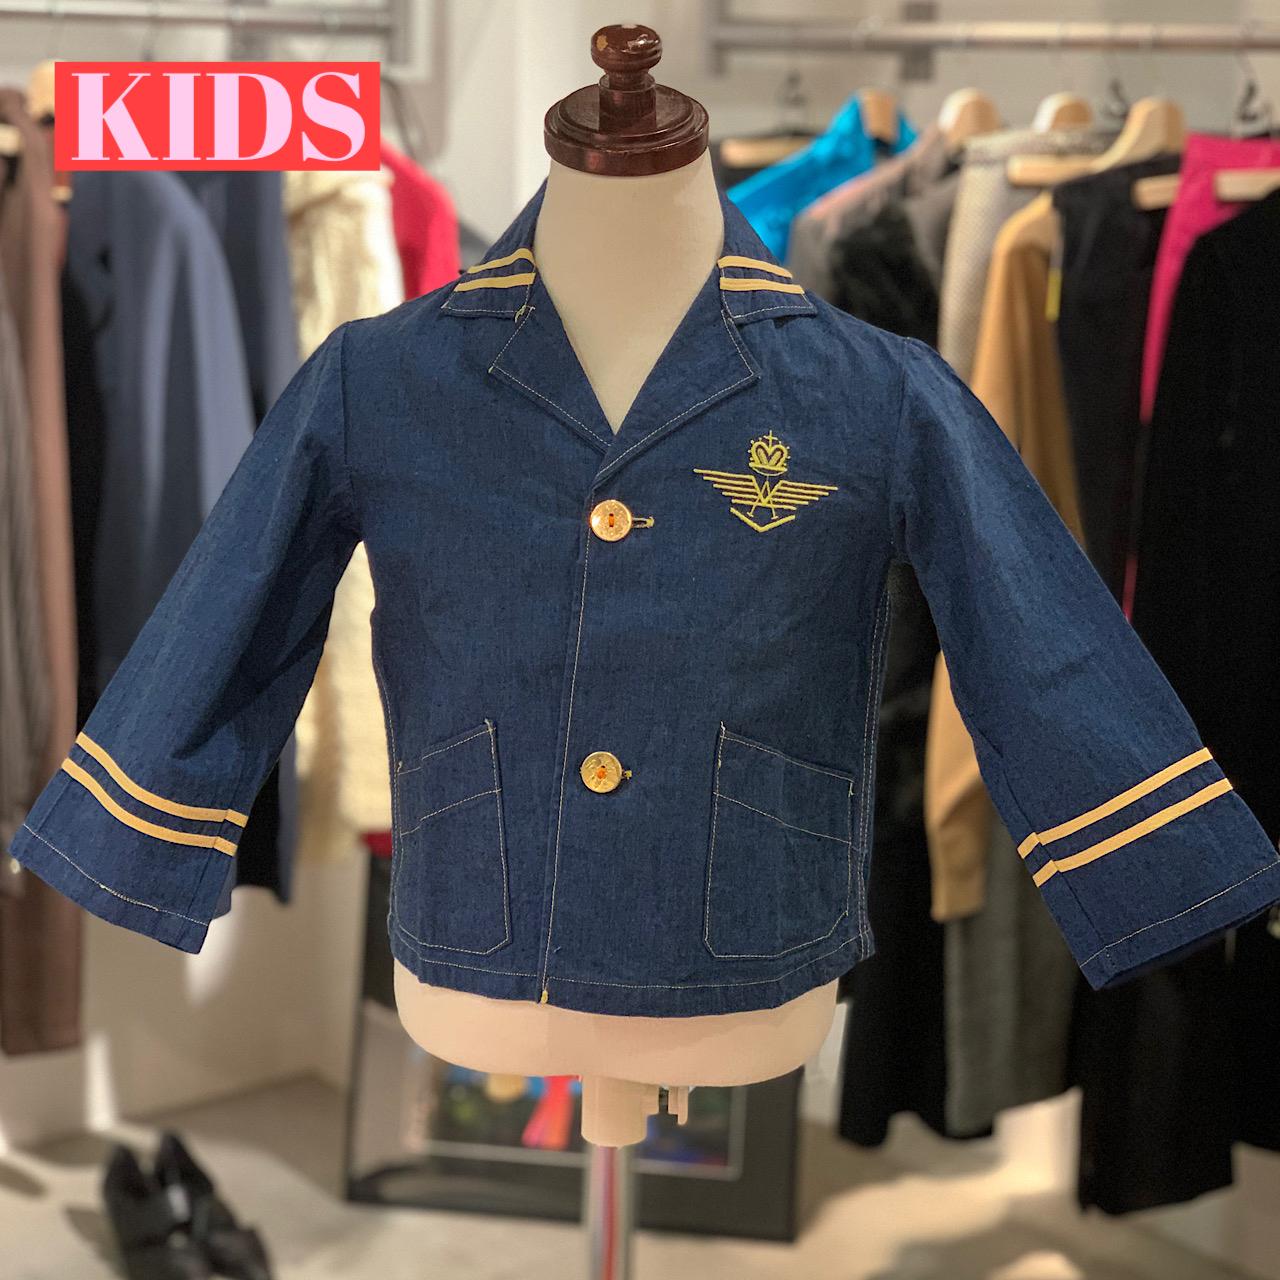 【送料無料】【KIDS】VINTAGE 60's blue boy jacket - French -Size 4 years old-